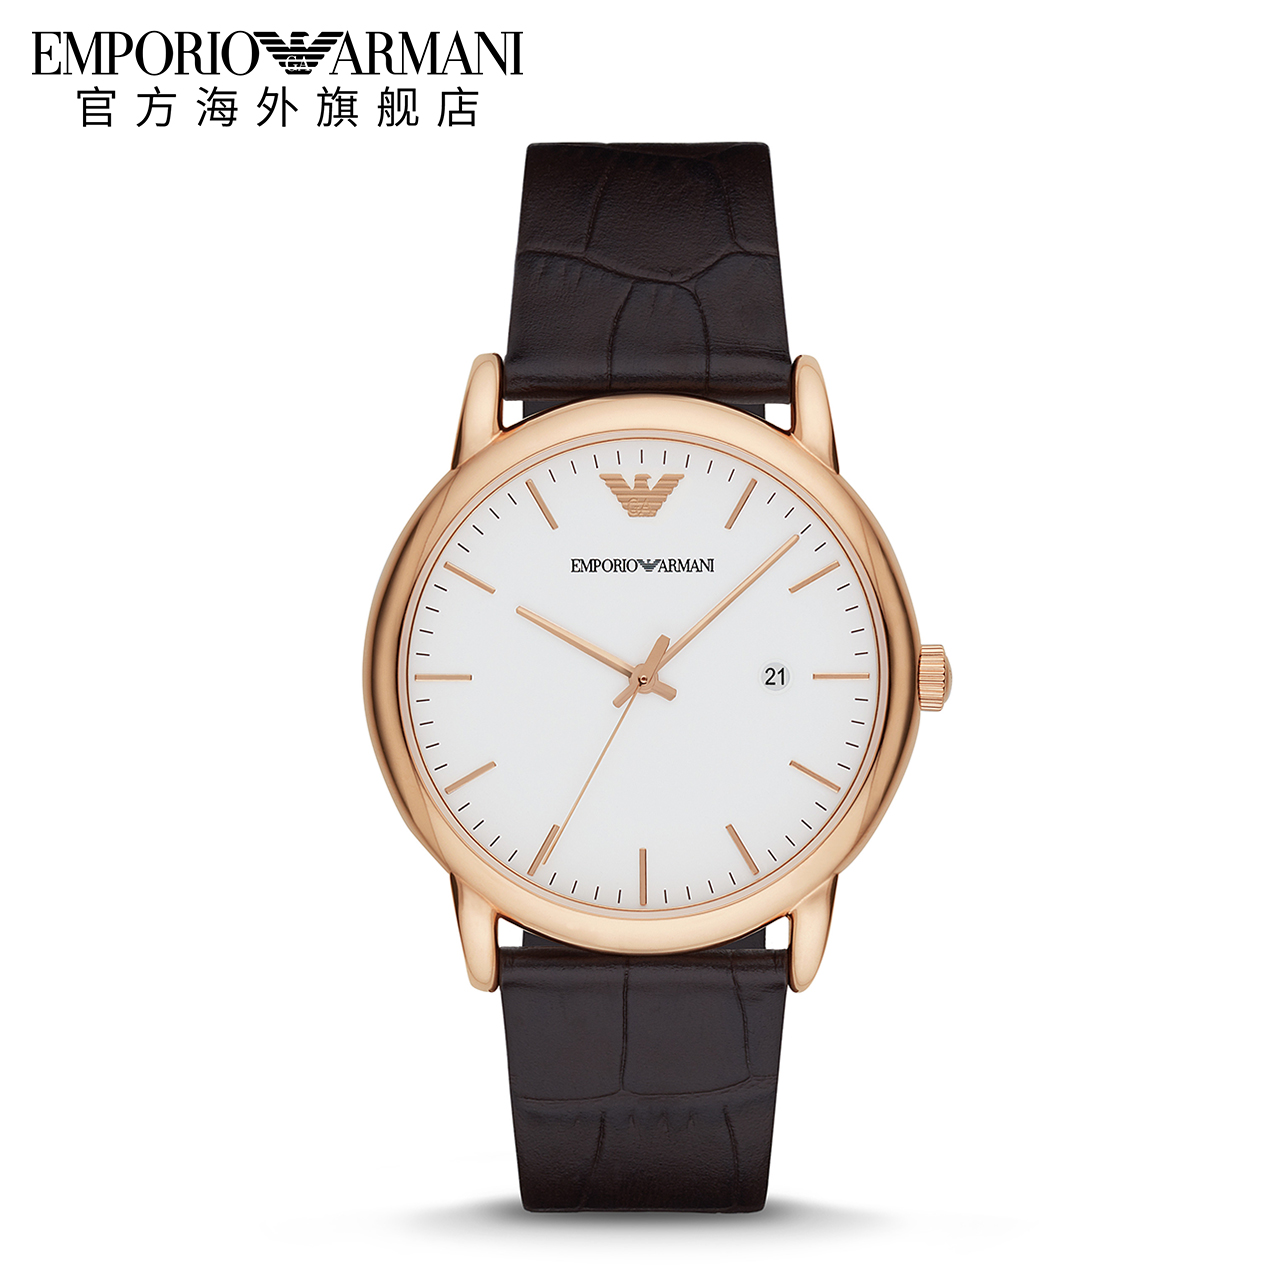 Armani 阿玛尼皮带手表 简约男士石英表 圆形简致防水腕表AR2502